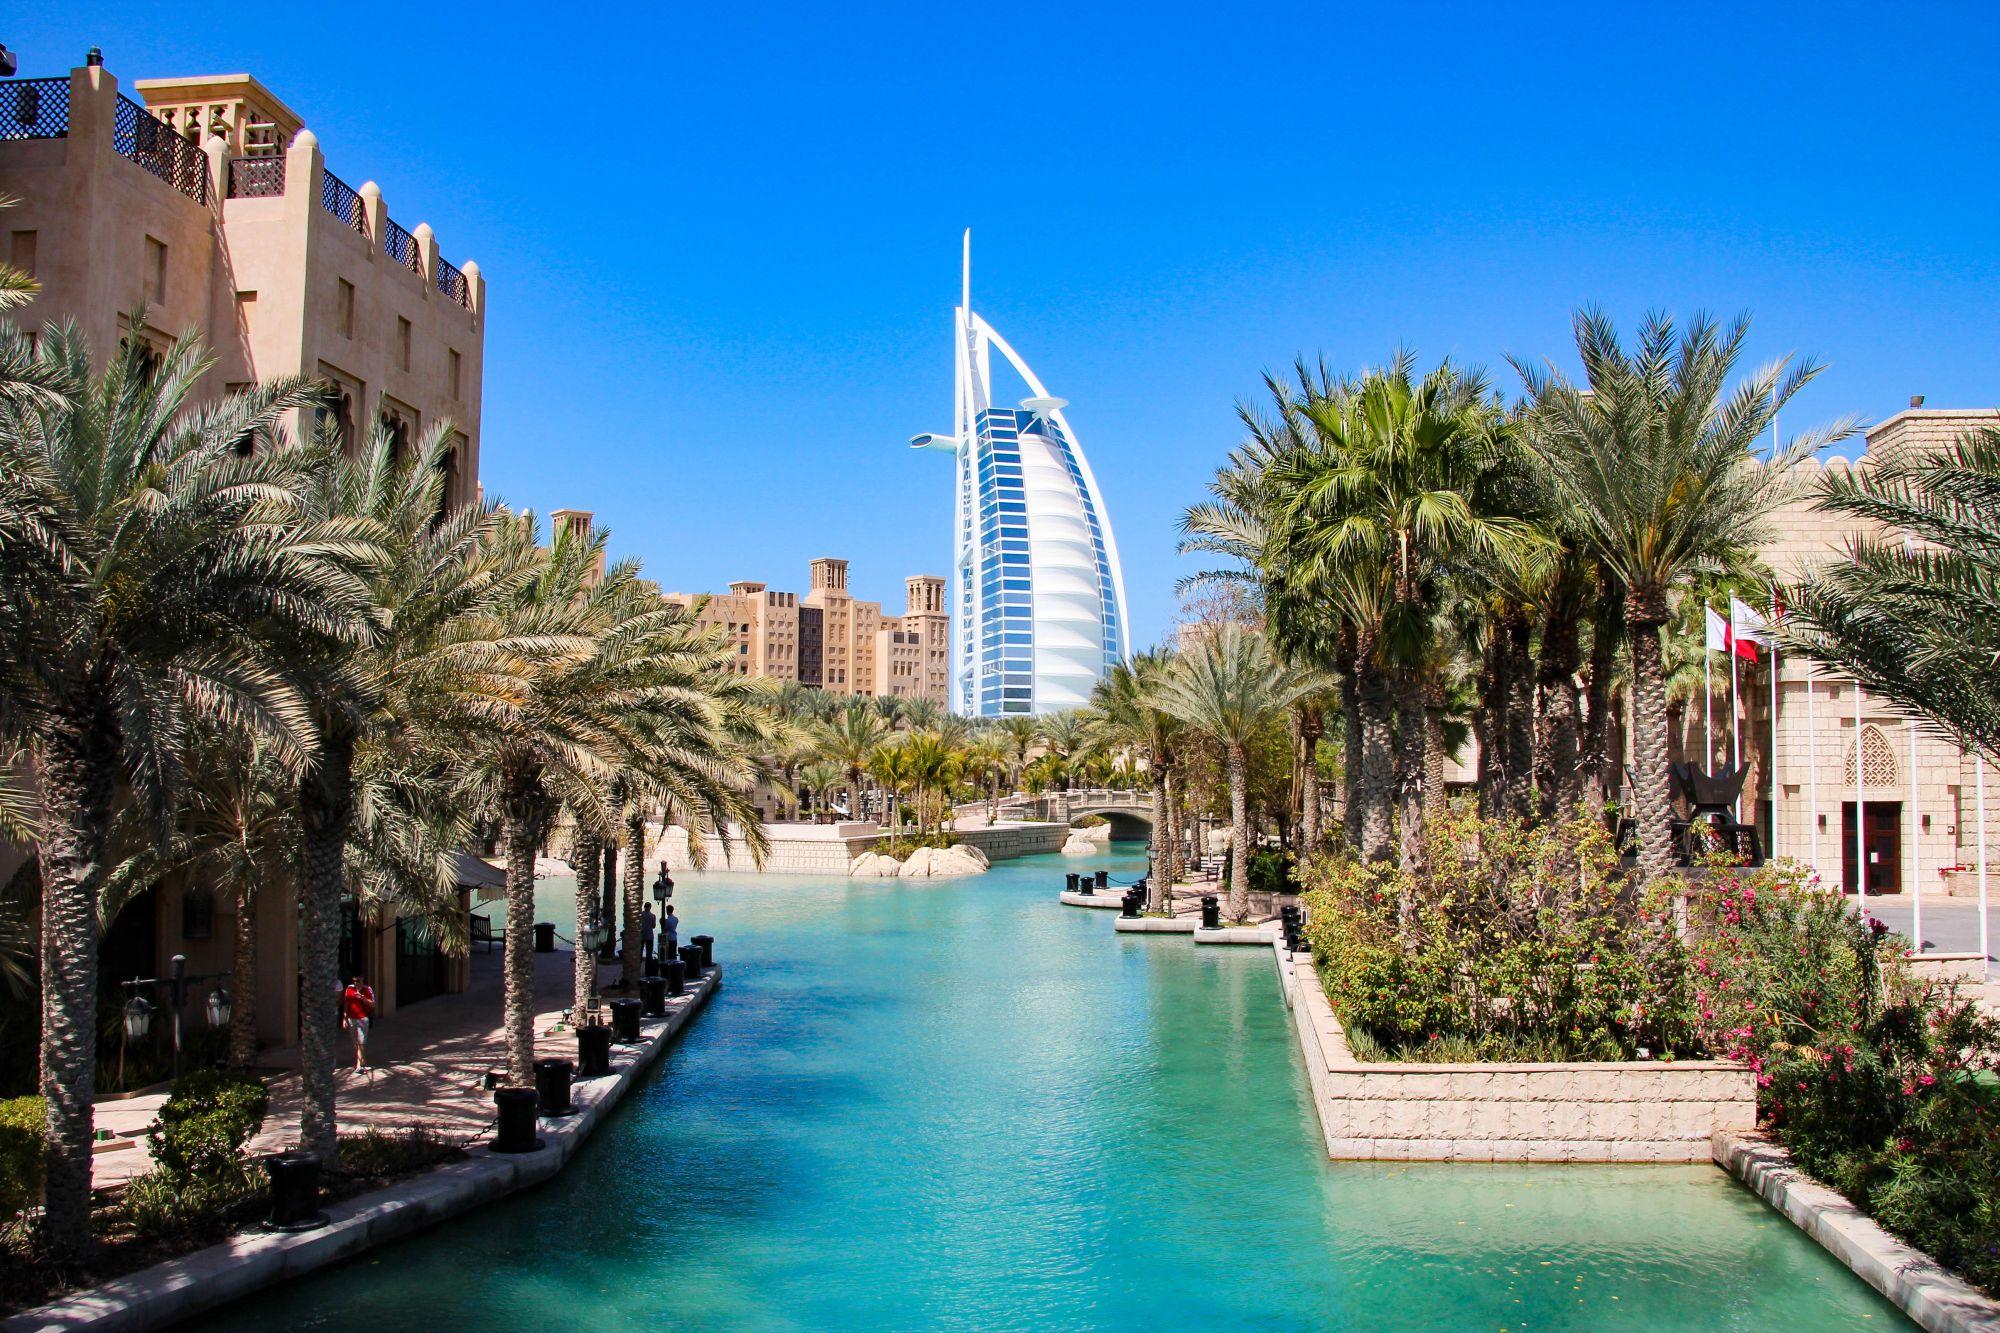 Wieżowiec w Dubaju